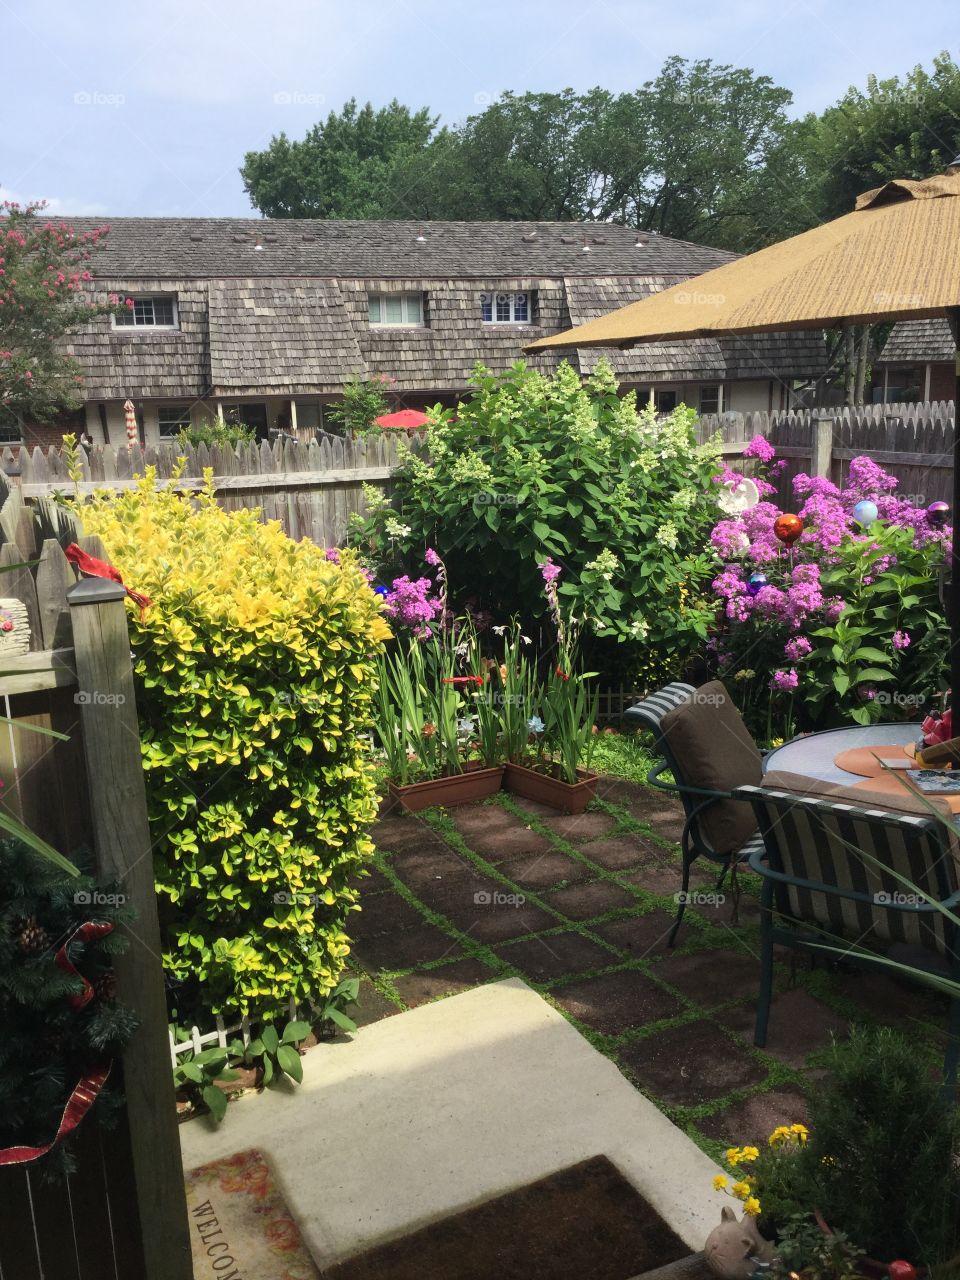 Backyard patio in July